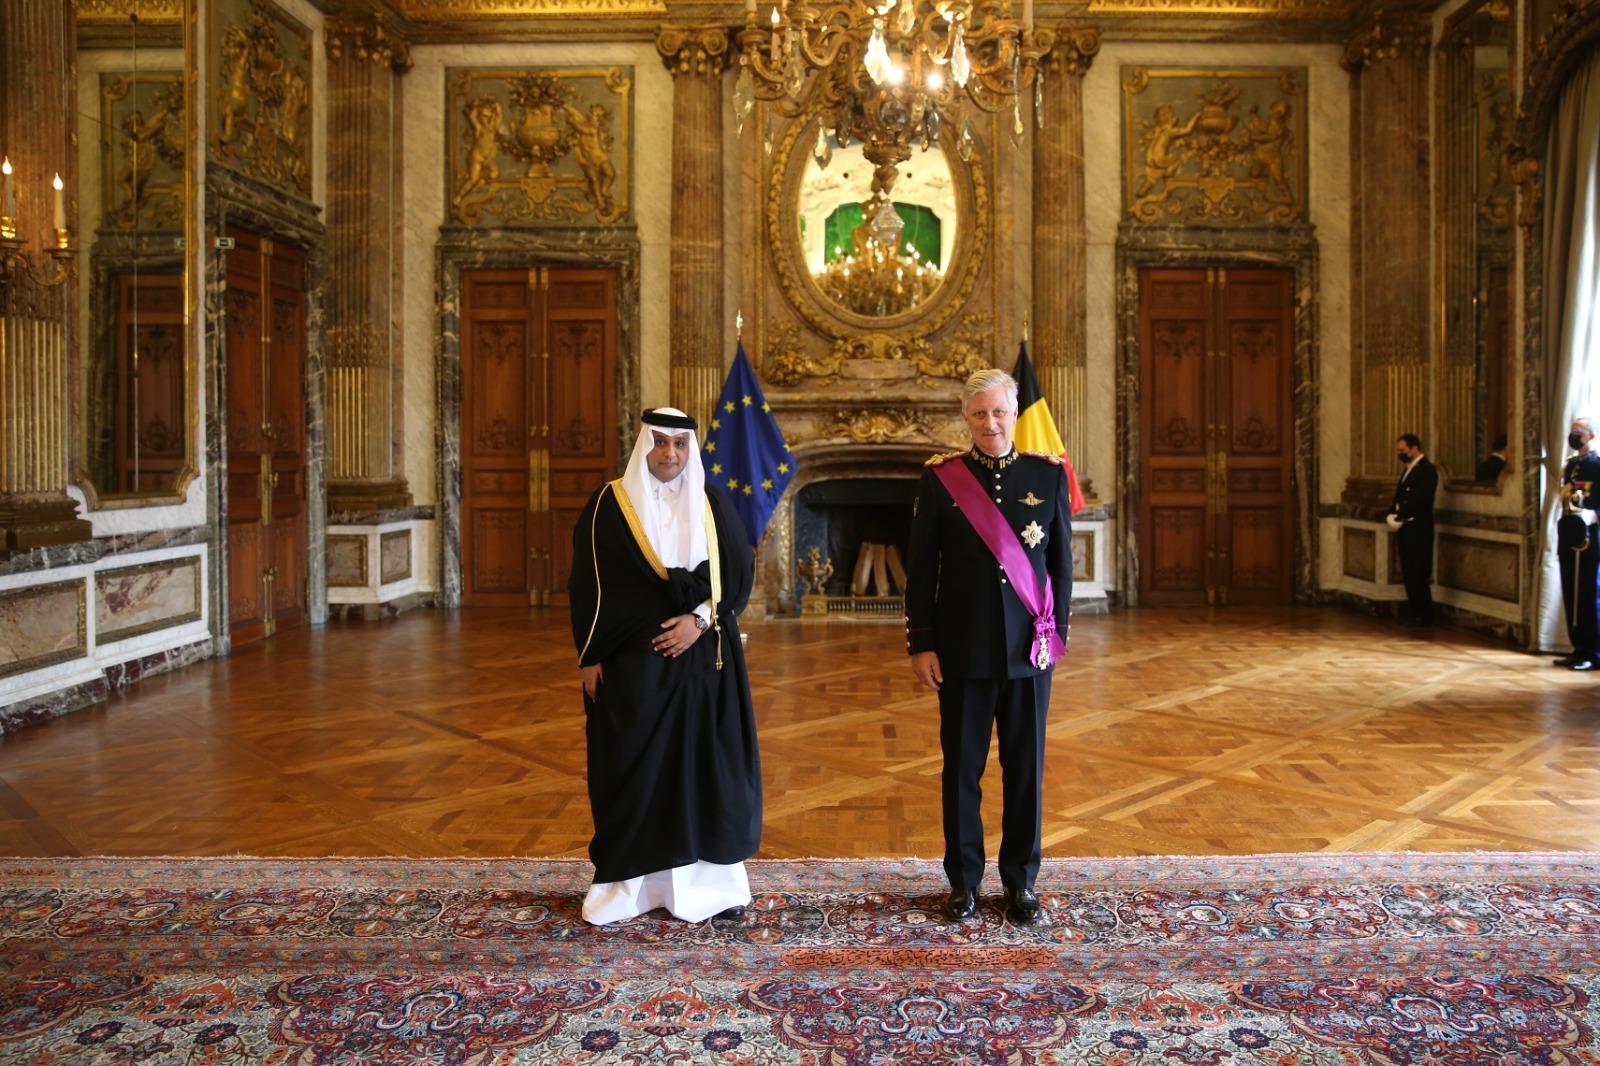 ملك بلجيكا يتسلم أوراق اعتماد سفير دولة قطر